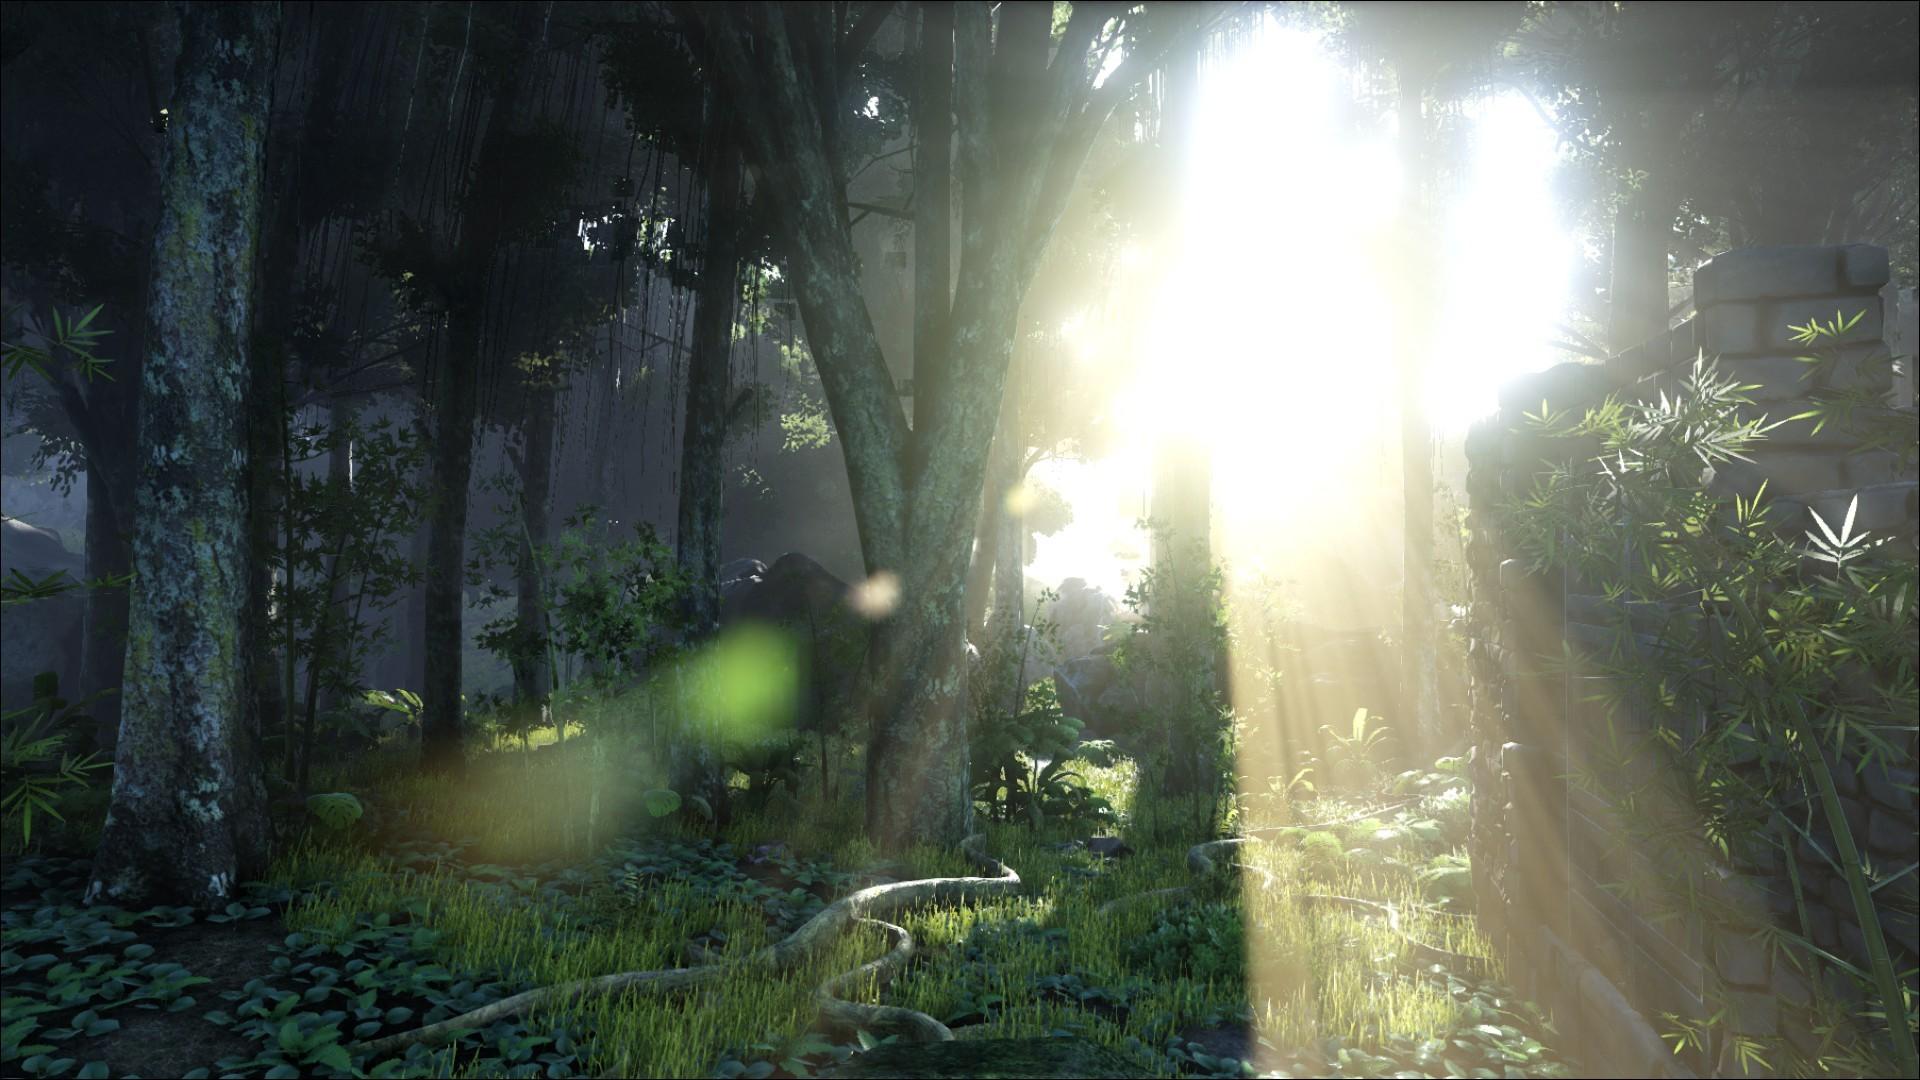 Wallpaper : sunlight, forest, video games, nature, green